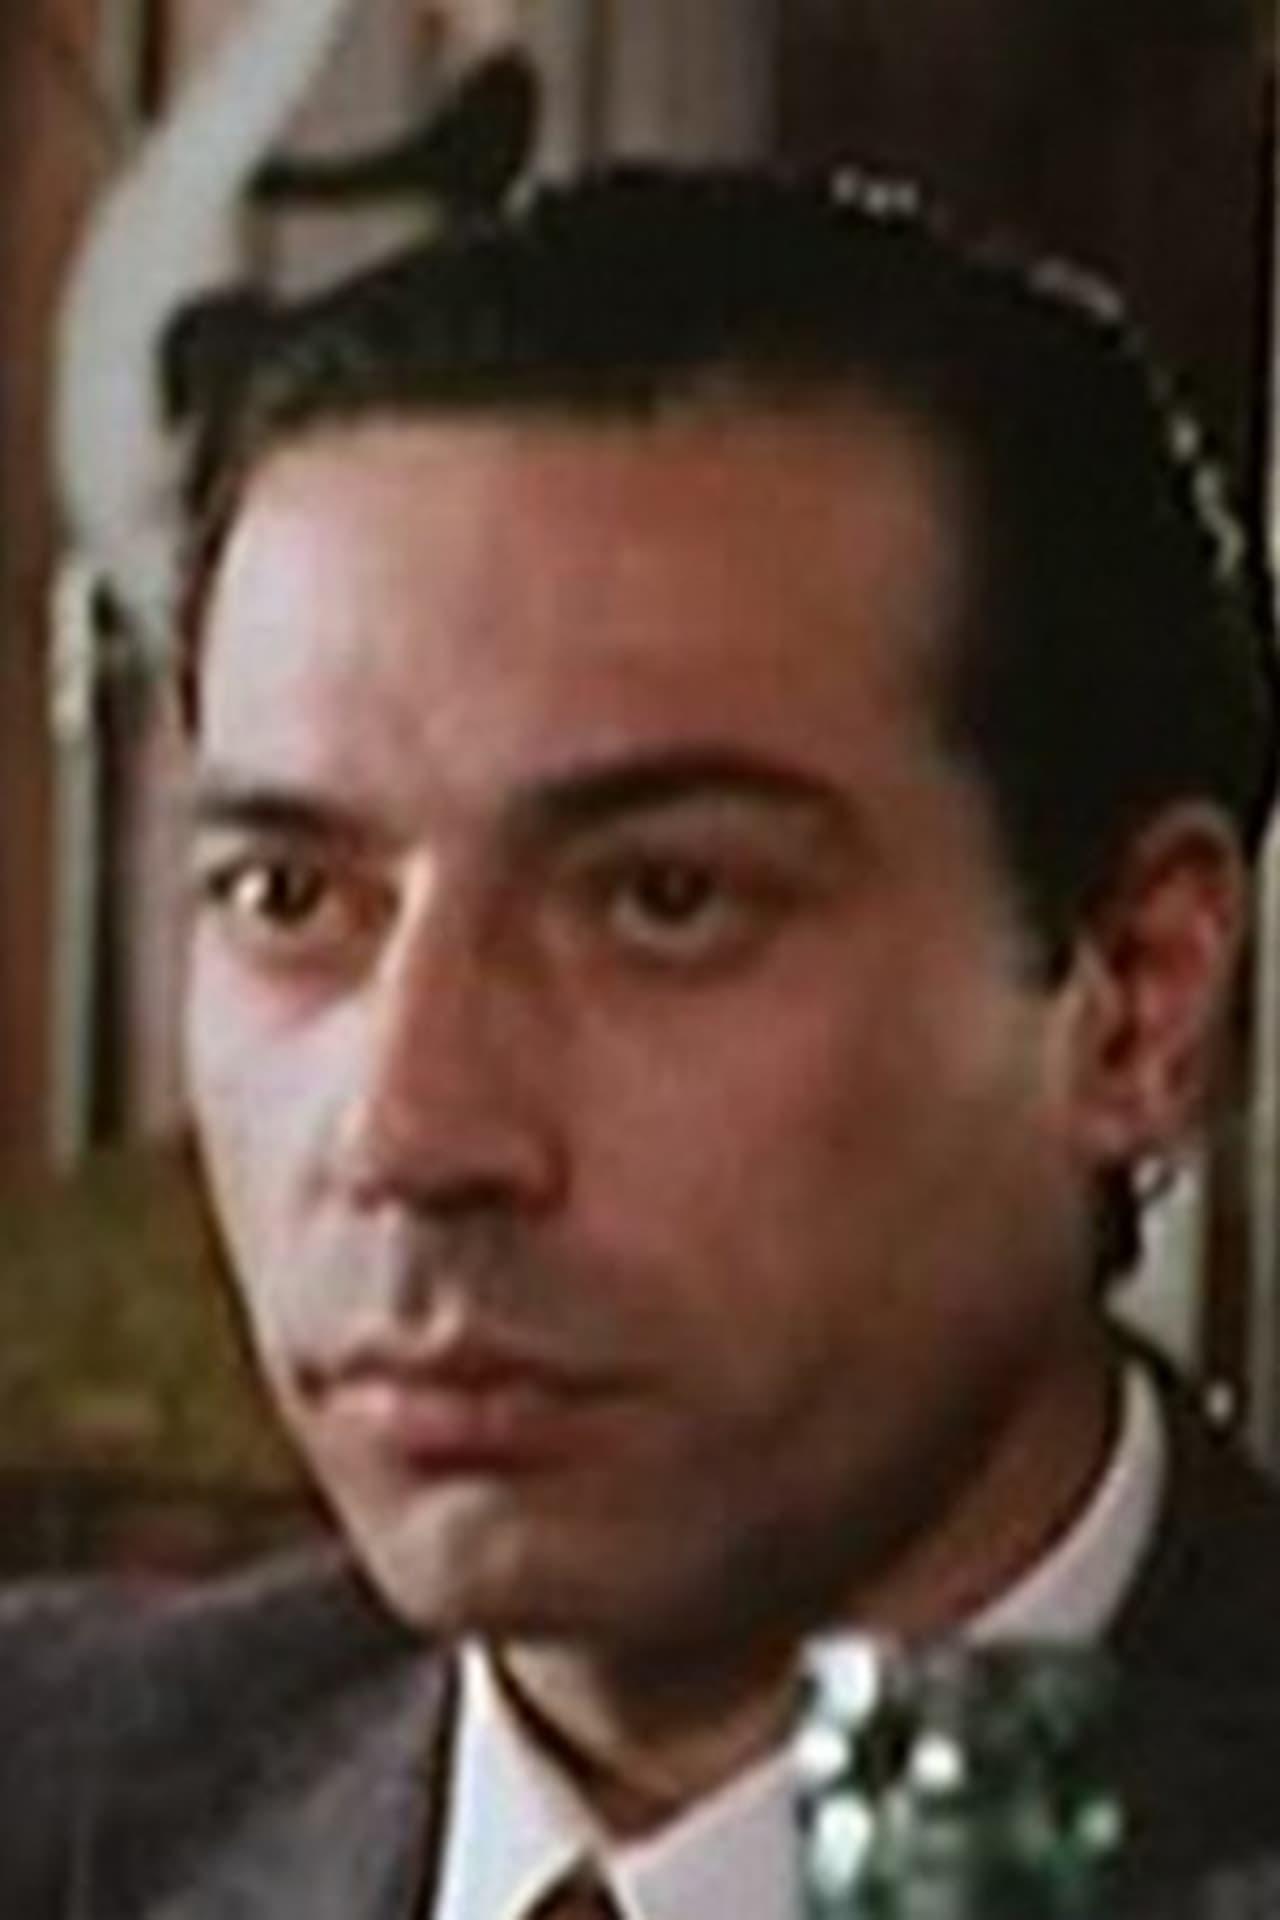 Luciano Crovato